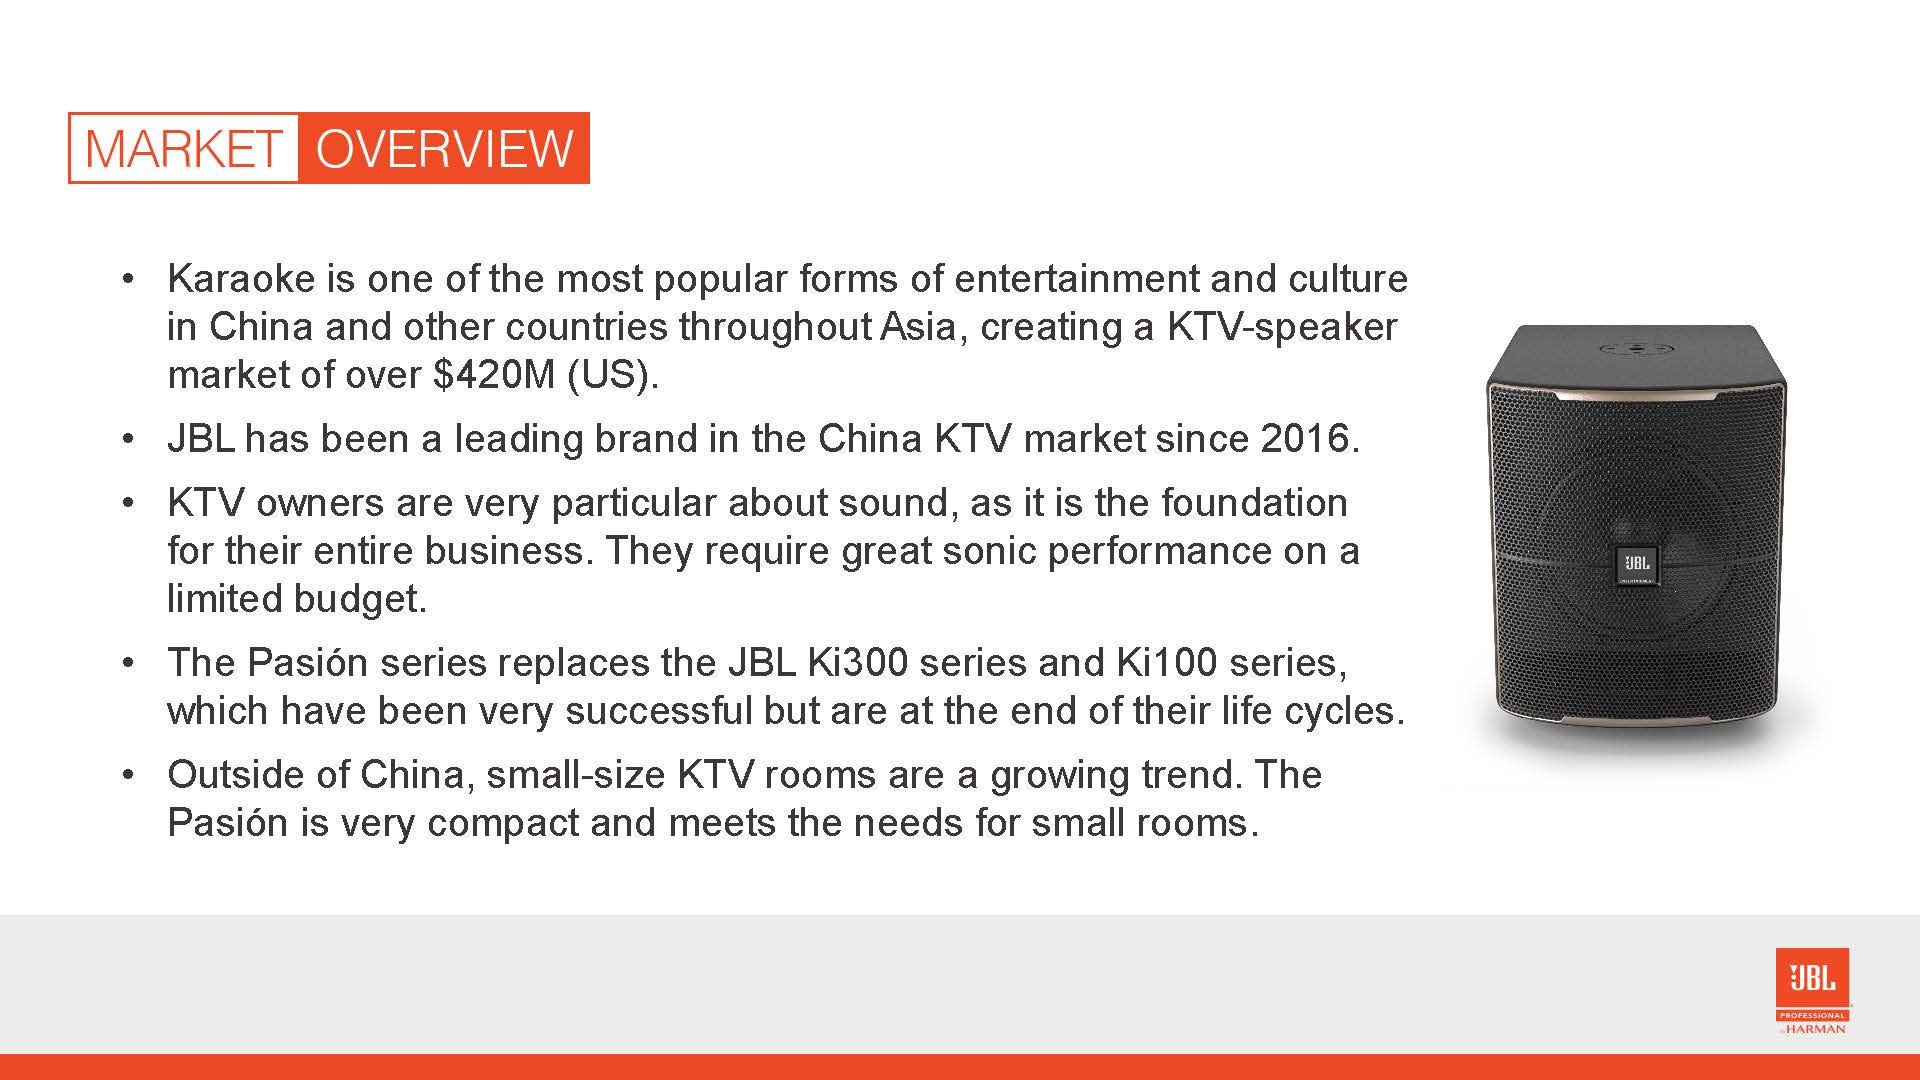 Báo cáo nghiên cứu thị trường Karaoke do JBL thực hiện